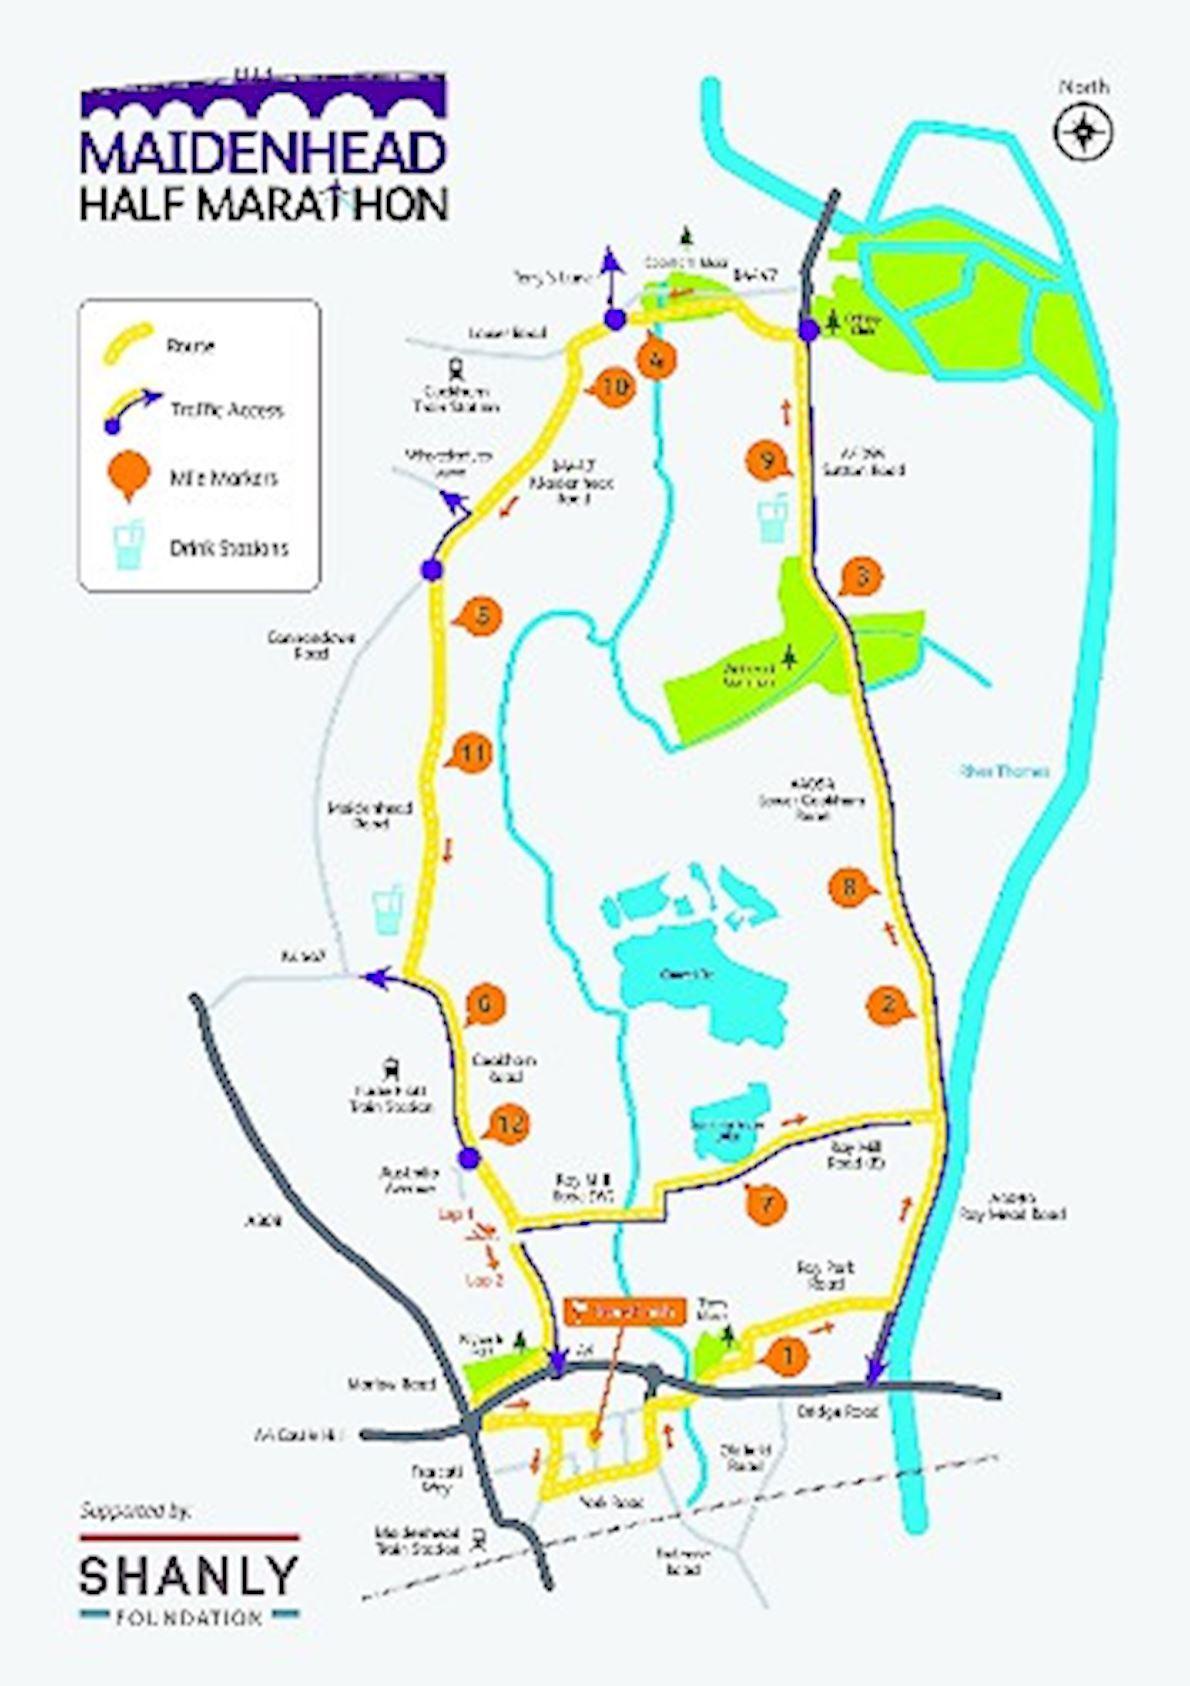 Maidenhead Half Marathon Mappa del percorso